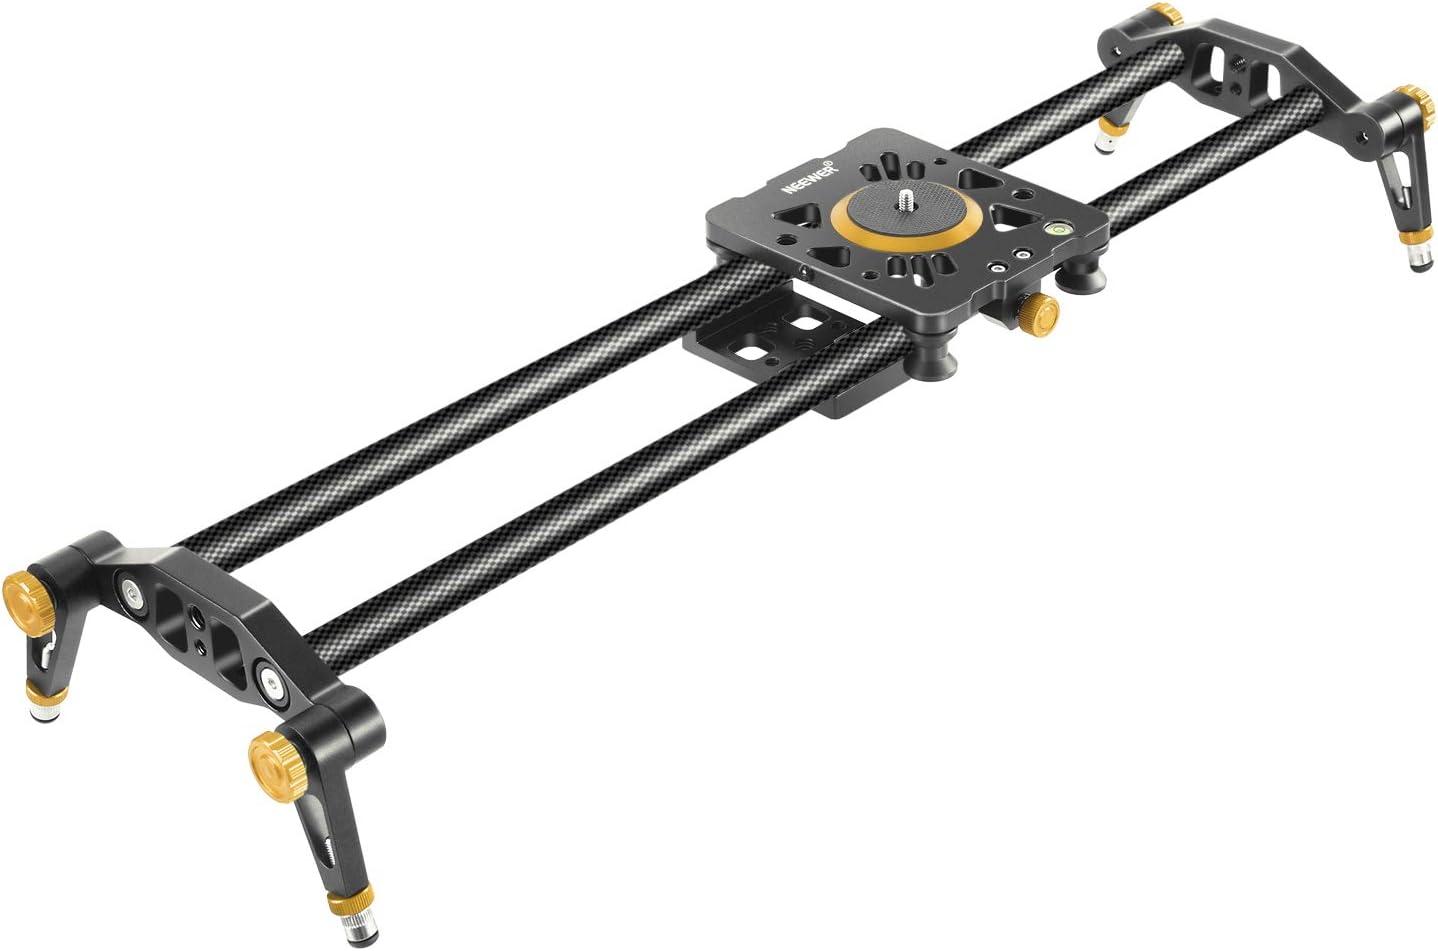 Neewer - Riel estabilizador de Fibra de Carbono con 6 rodamientos para cámara DSLR, videocámara Digital, para Grabar, 100 cm, soporta hasta 8 kg